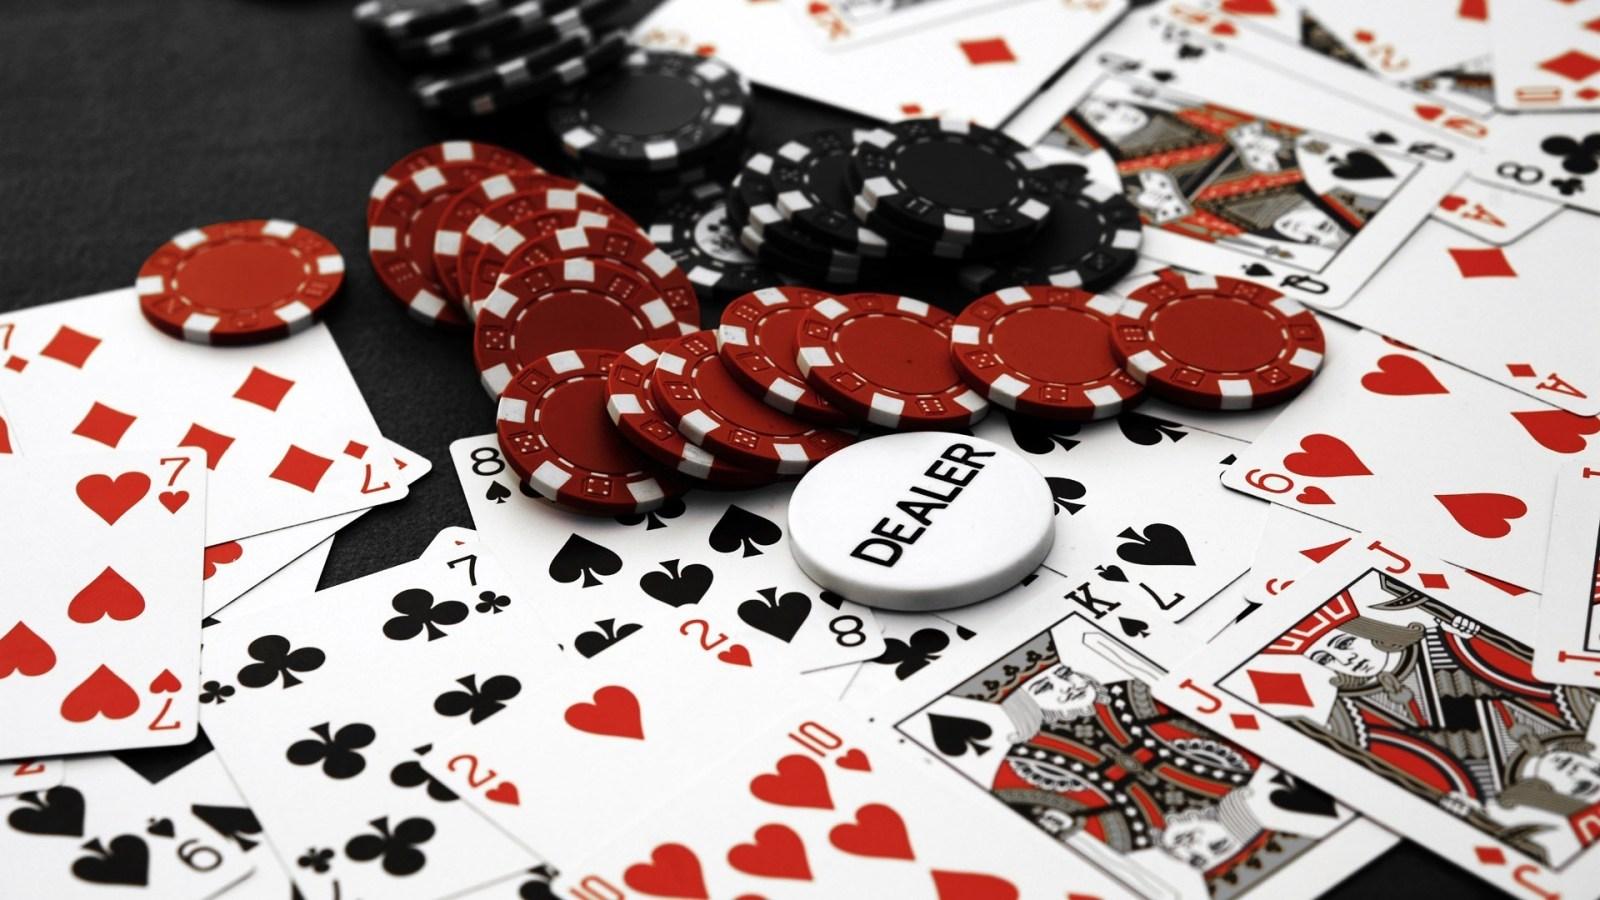 Как скачать ПокерОк – подробная инструкция по загрузке клиента